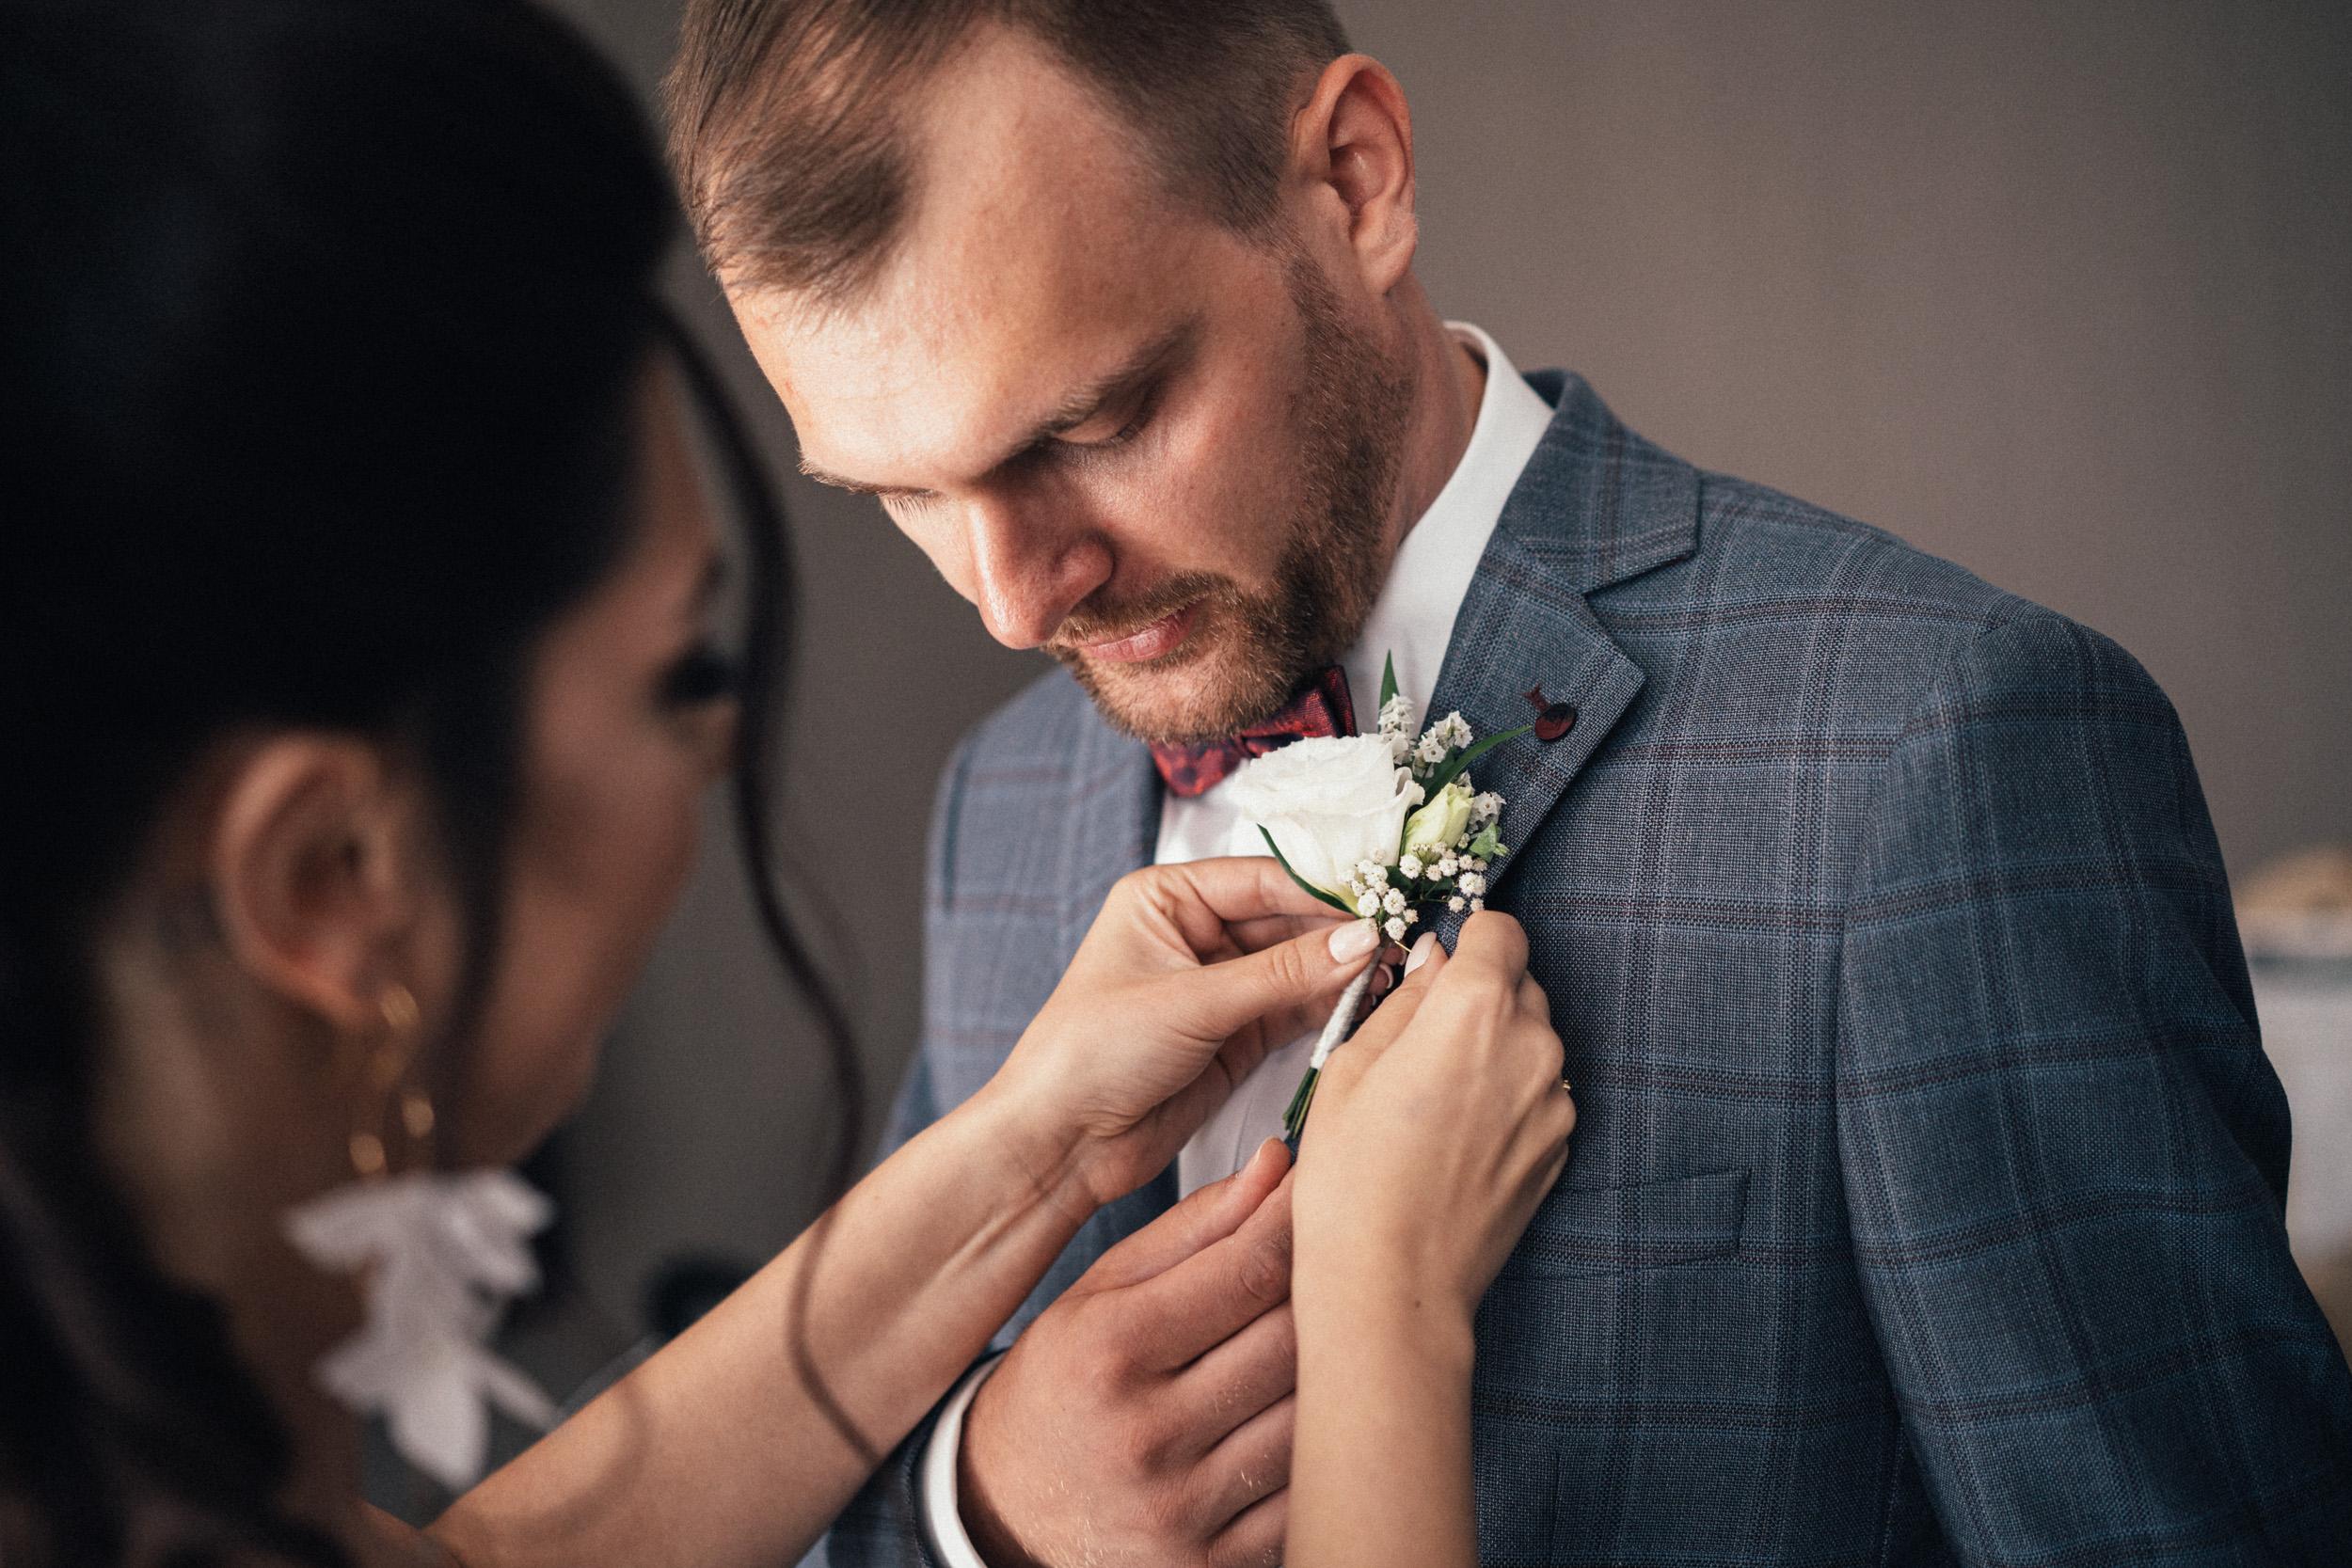 przygotowania do ślubu fotografia ślubna fotograf ślubny łódź warszawa 2022 2021